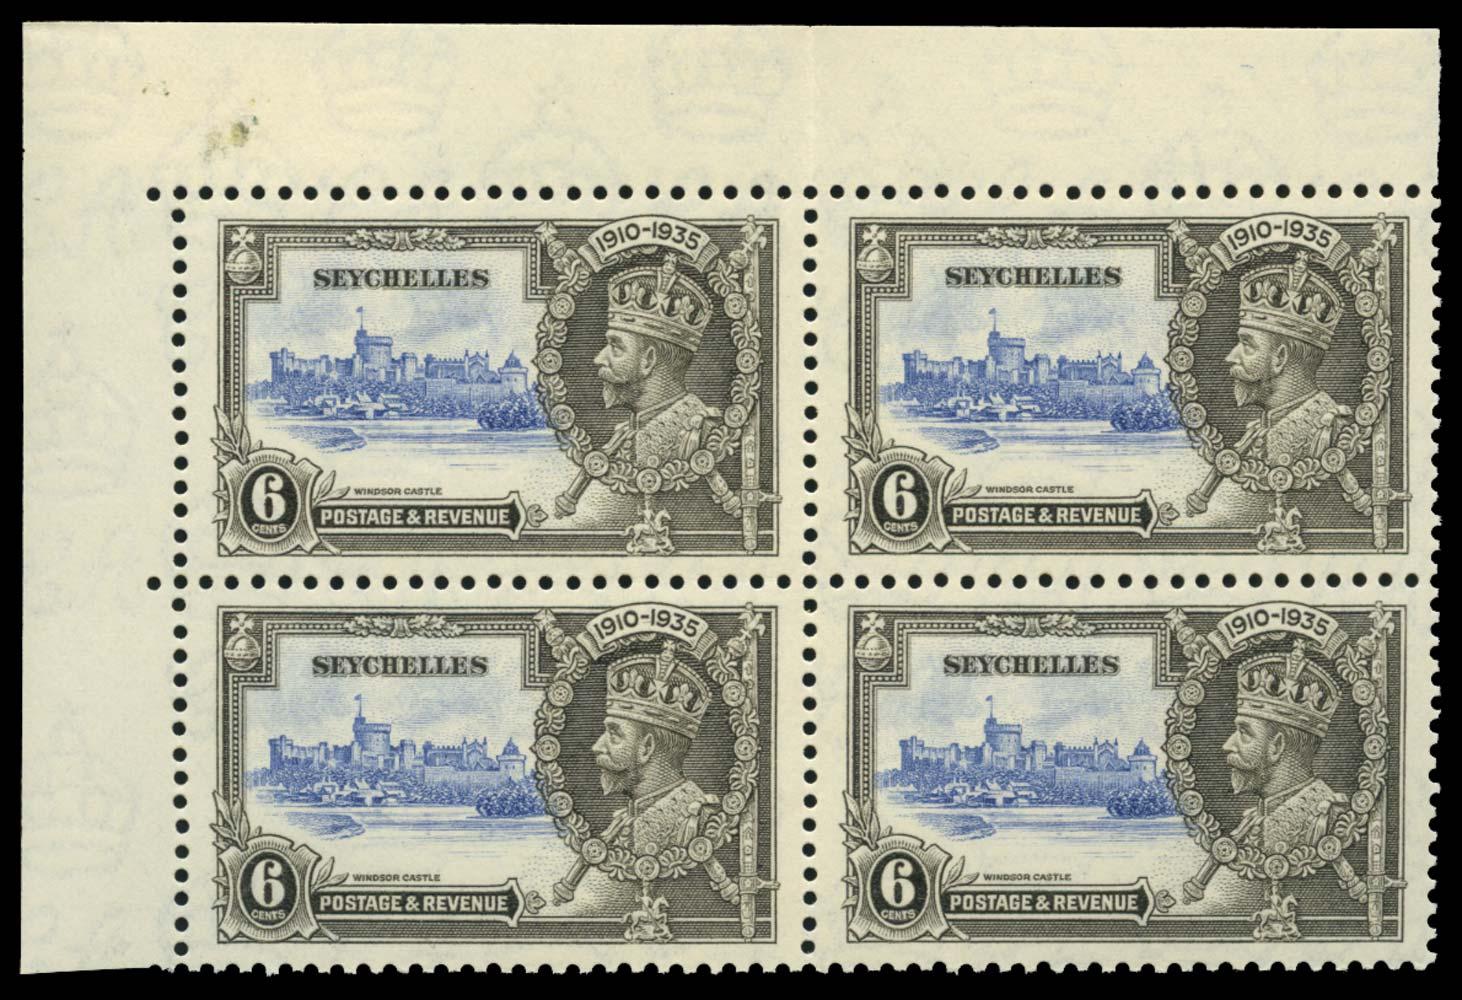 SEYCHELLES 1935  SG128/b Mint